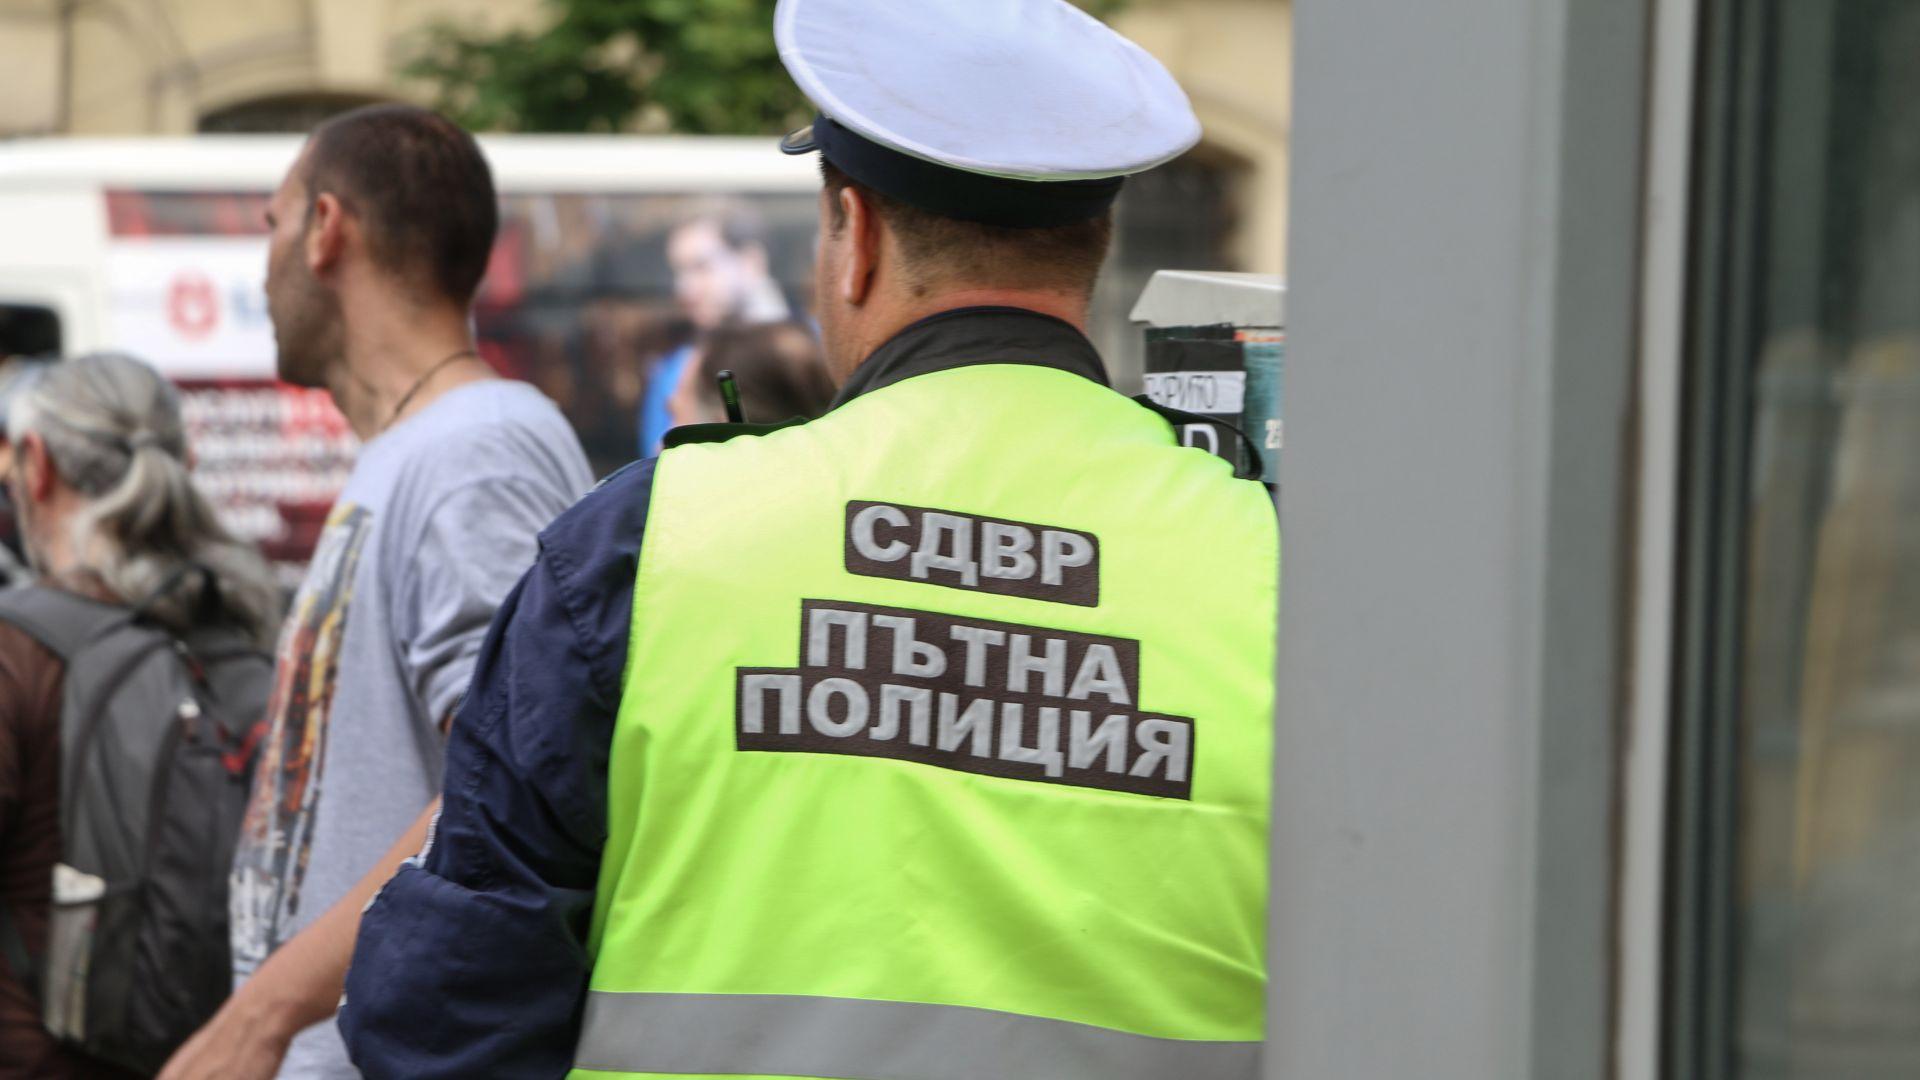 Докосваш полицай - 2000 лева глоба! Приложима ли е новата мярка на МВР?